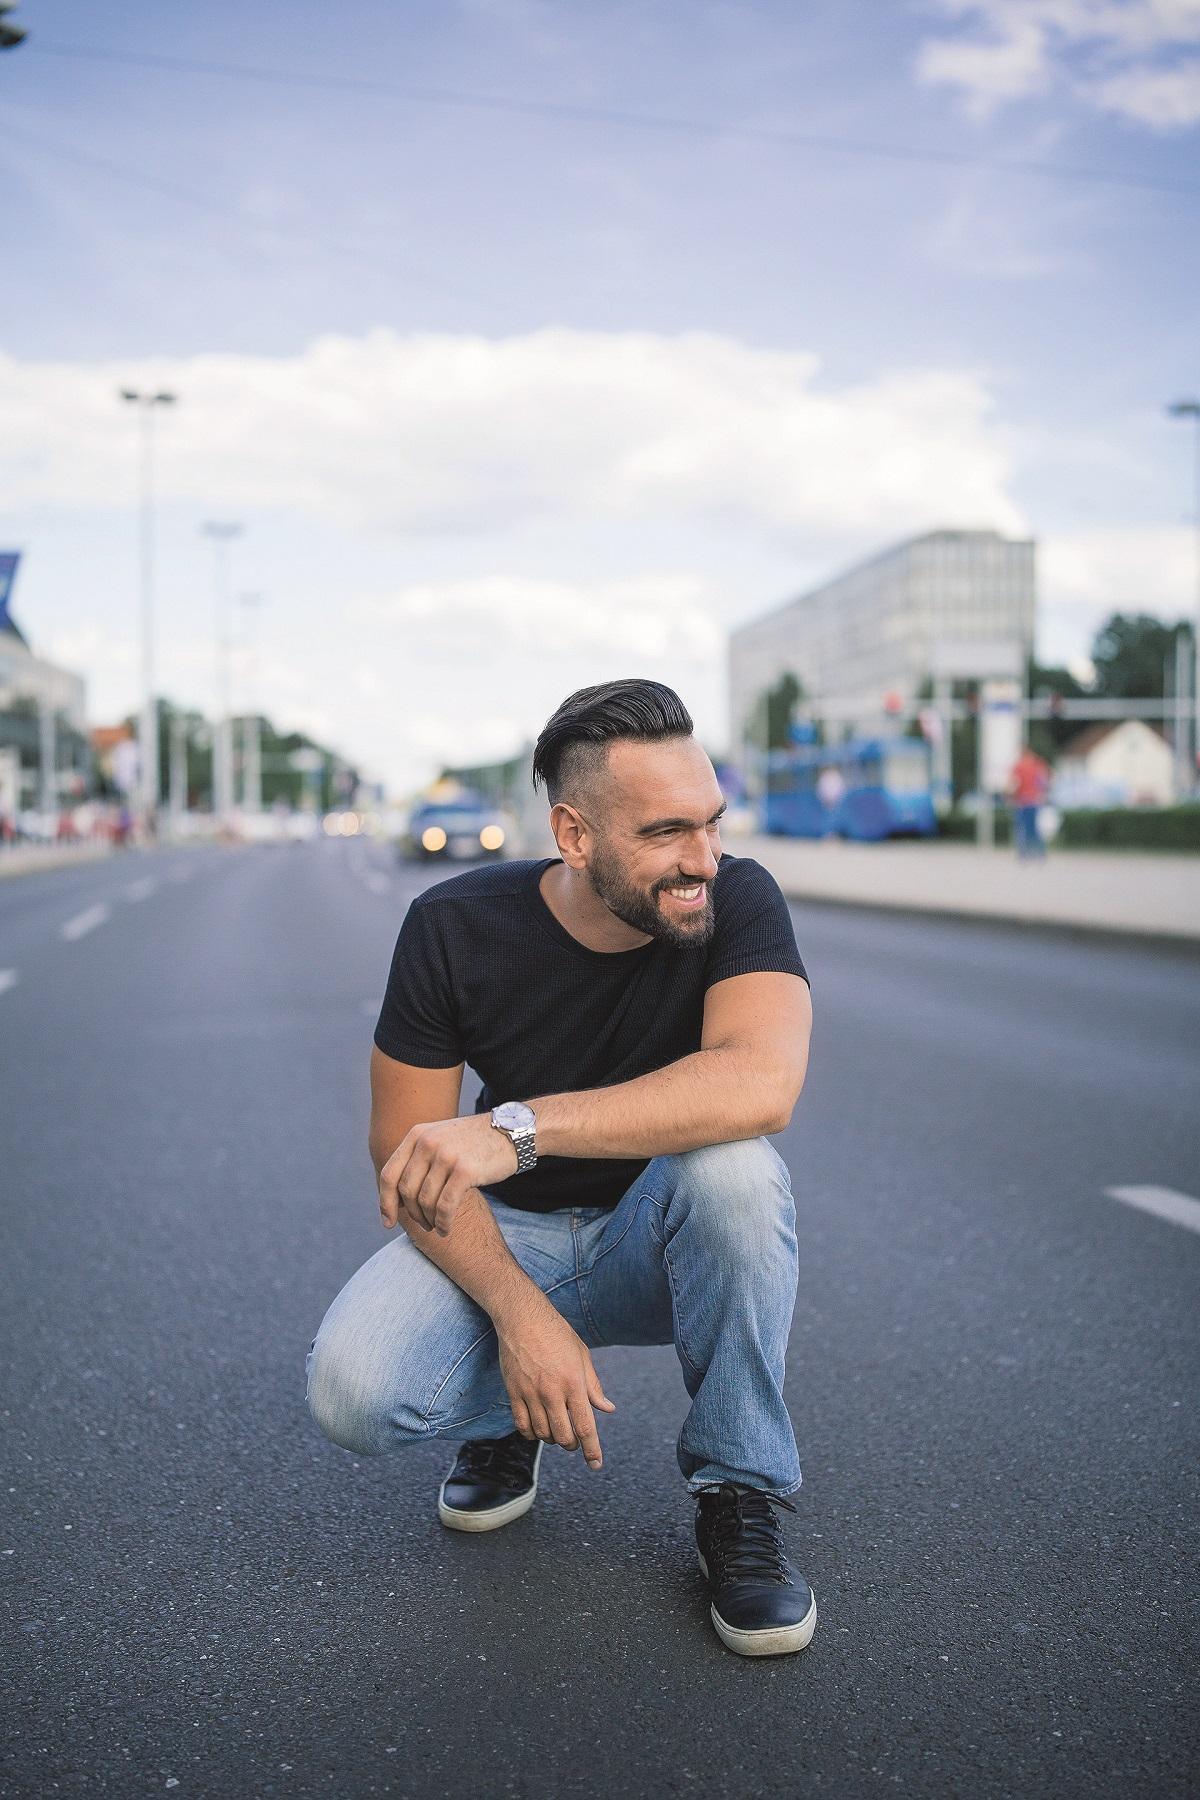 zagreb 13.07.2020 Alen Vlahovic - pjevac foto vedran peteh